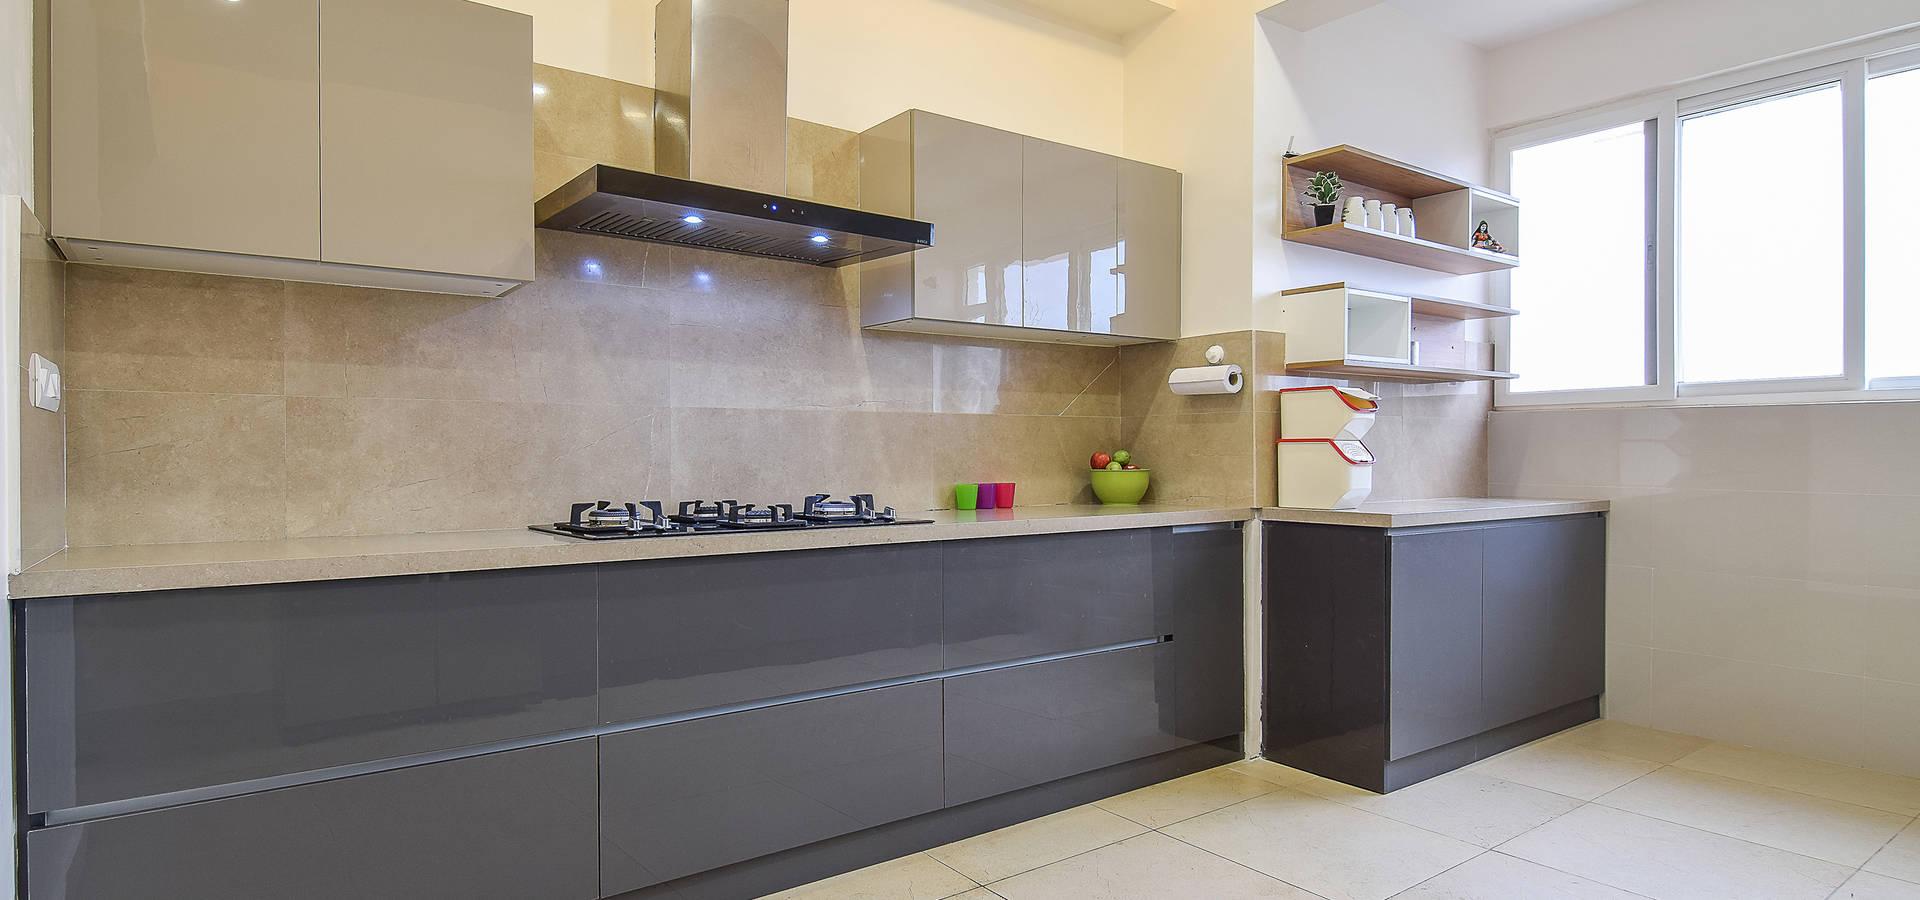 Apartment interior design bangalore 4bhk de design arc for 4 bhk apartment design